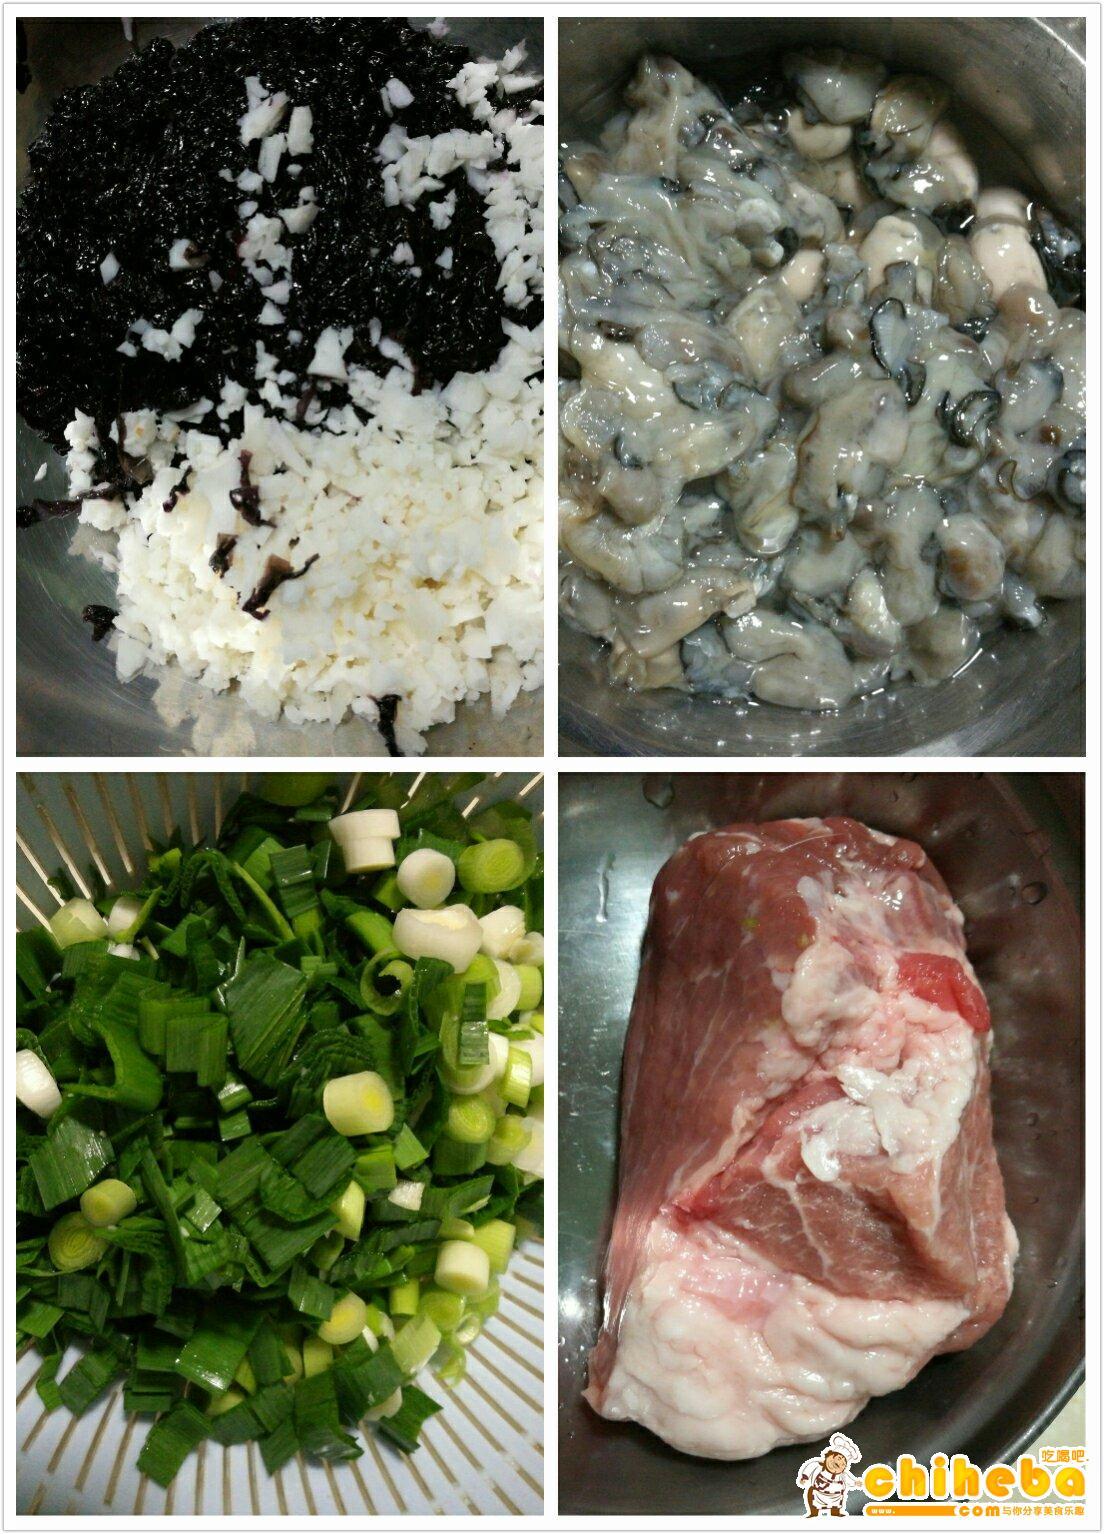 闽南小吃-炸紫菜海蛎饼的做法 步骤1